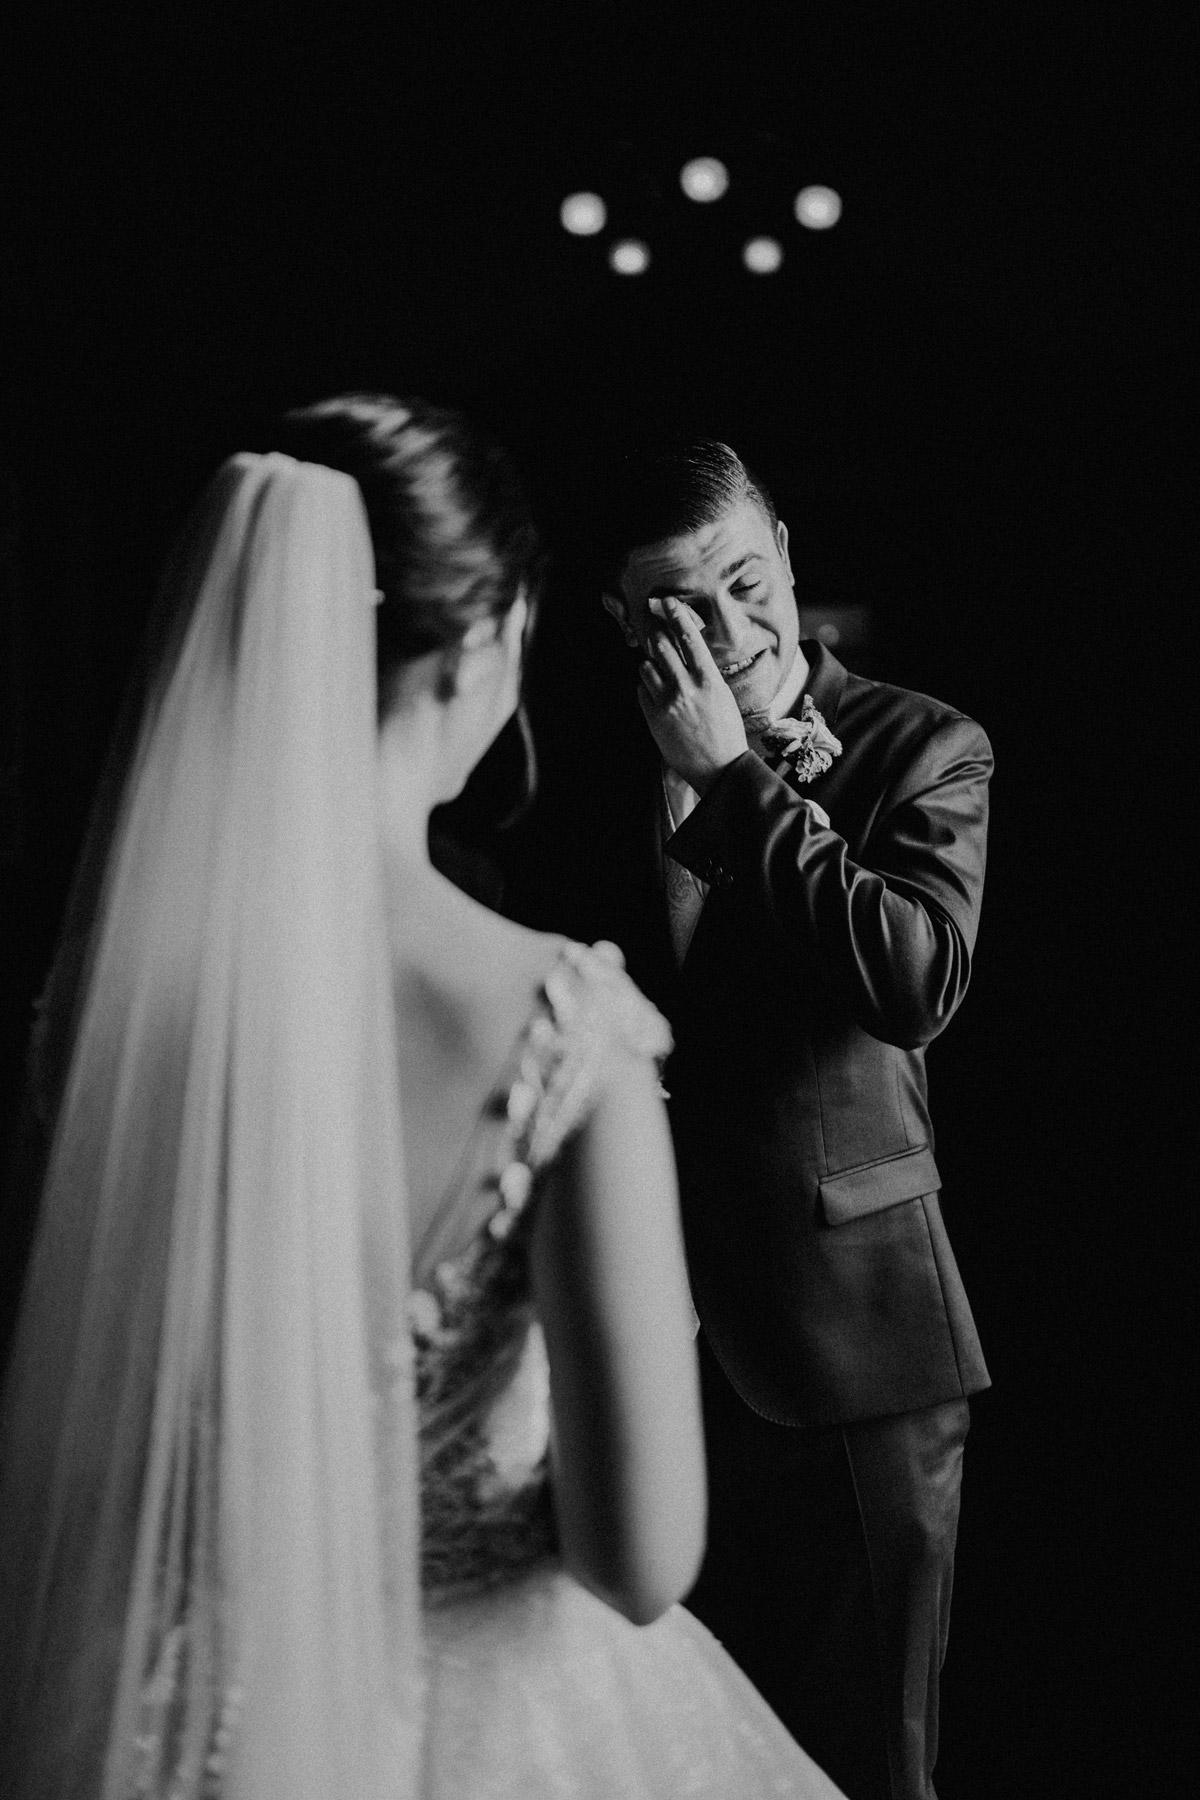 Bräutigam weint bei First Look an Kirche Berliner Dom; Bräutigamanzug Blau mit Weste und Fliege; Hochzeitsfotograf Berlin © www.hochzeitslicht.de #hochzeitslicht #Hochzeitsfoto emotionaler #Hochzeitsmoment